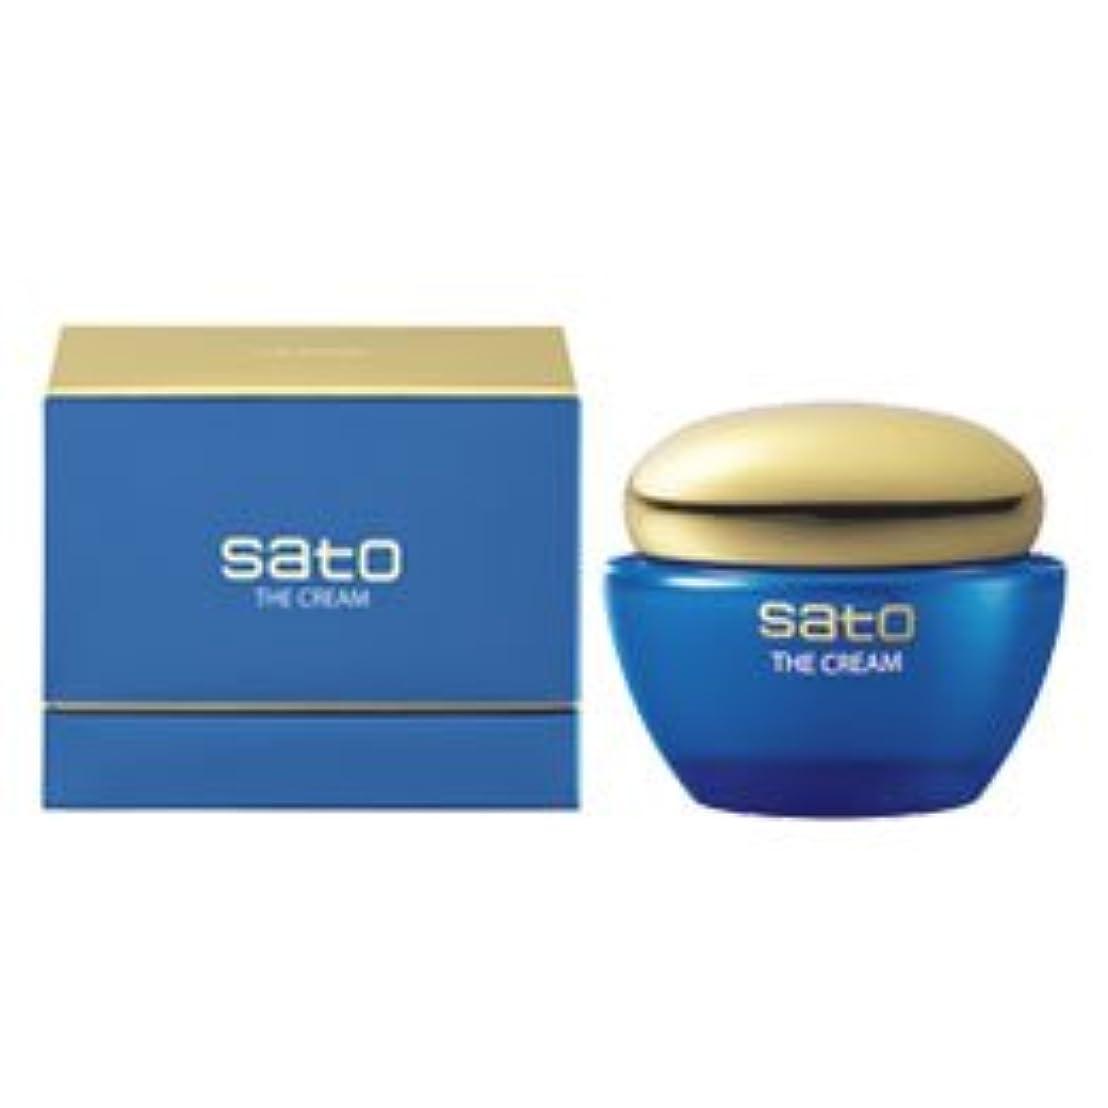 佐藤製薬 SATO【サトウ製薬】ザ?クリーム50g<保湿クリーム> 8000 P12